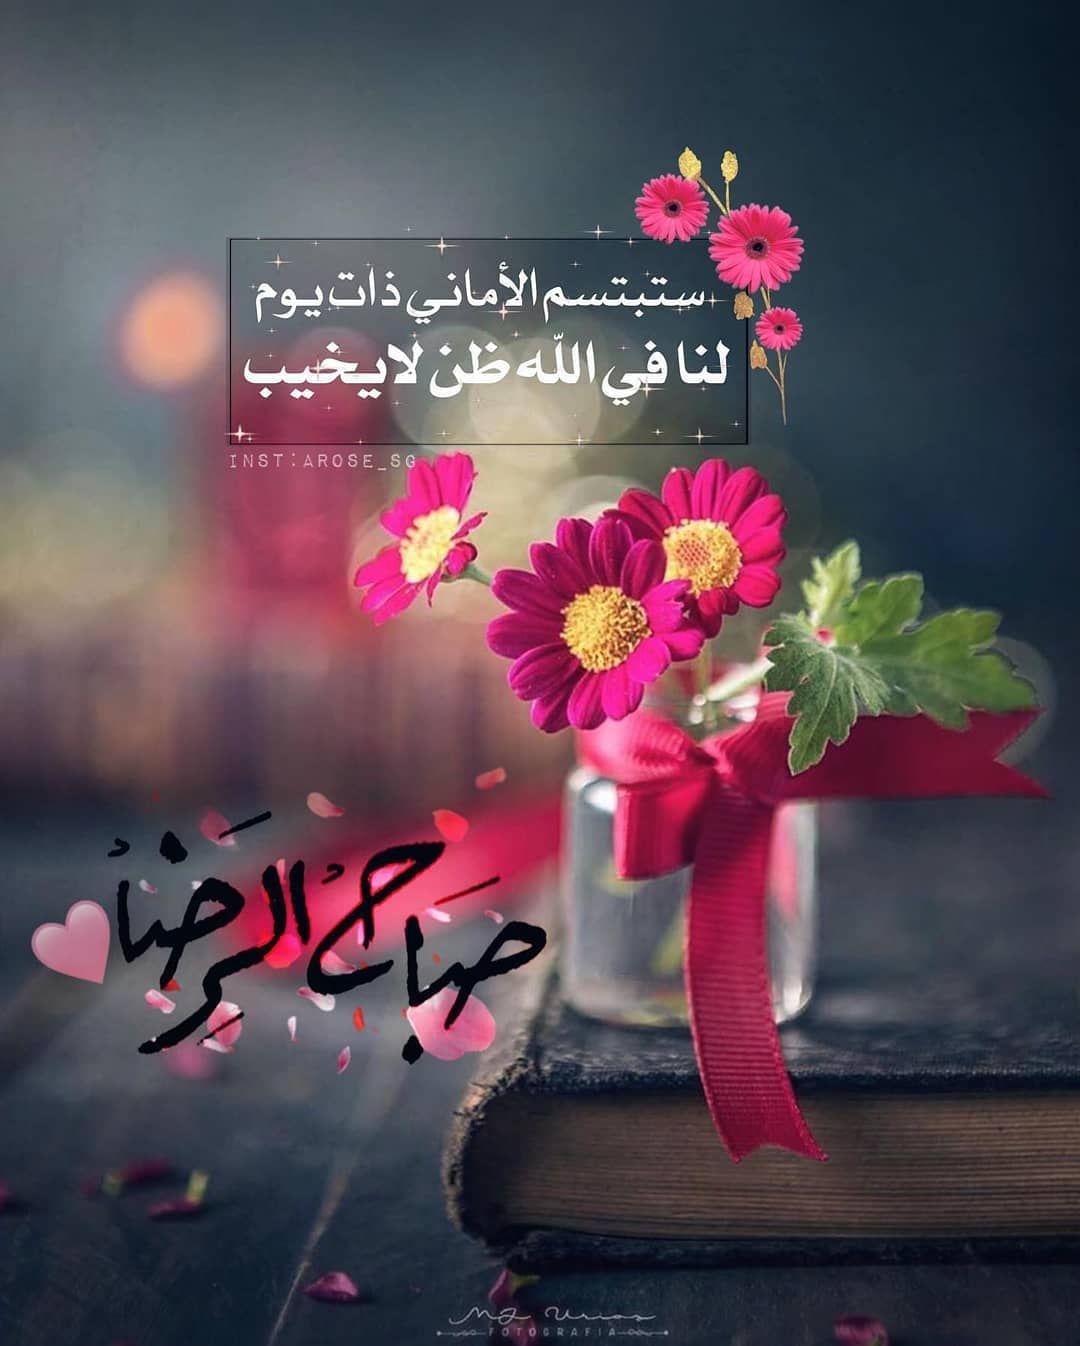 صبح و مساء On Instagram ستبتسم الأماني ذات يوم لنا في الله ظن Good Morning Arabic Good Morning Greetings Muslim Greeting